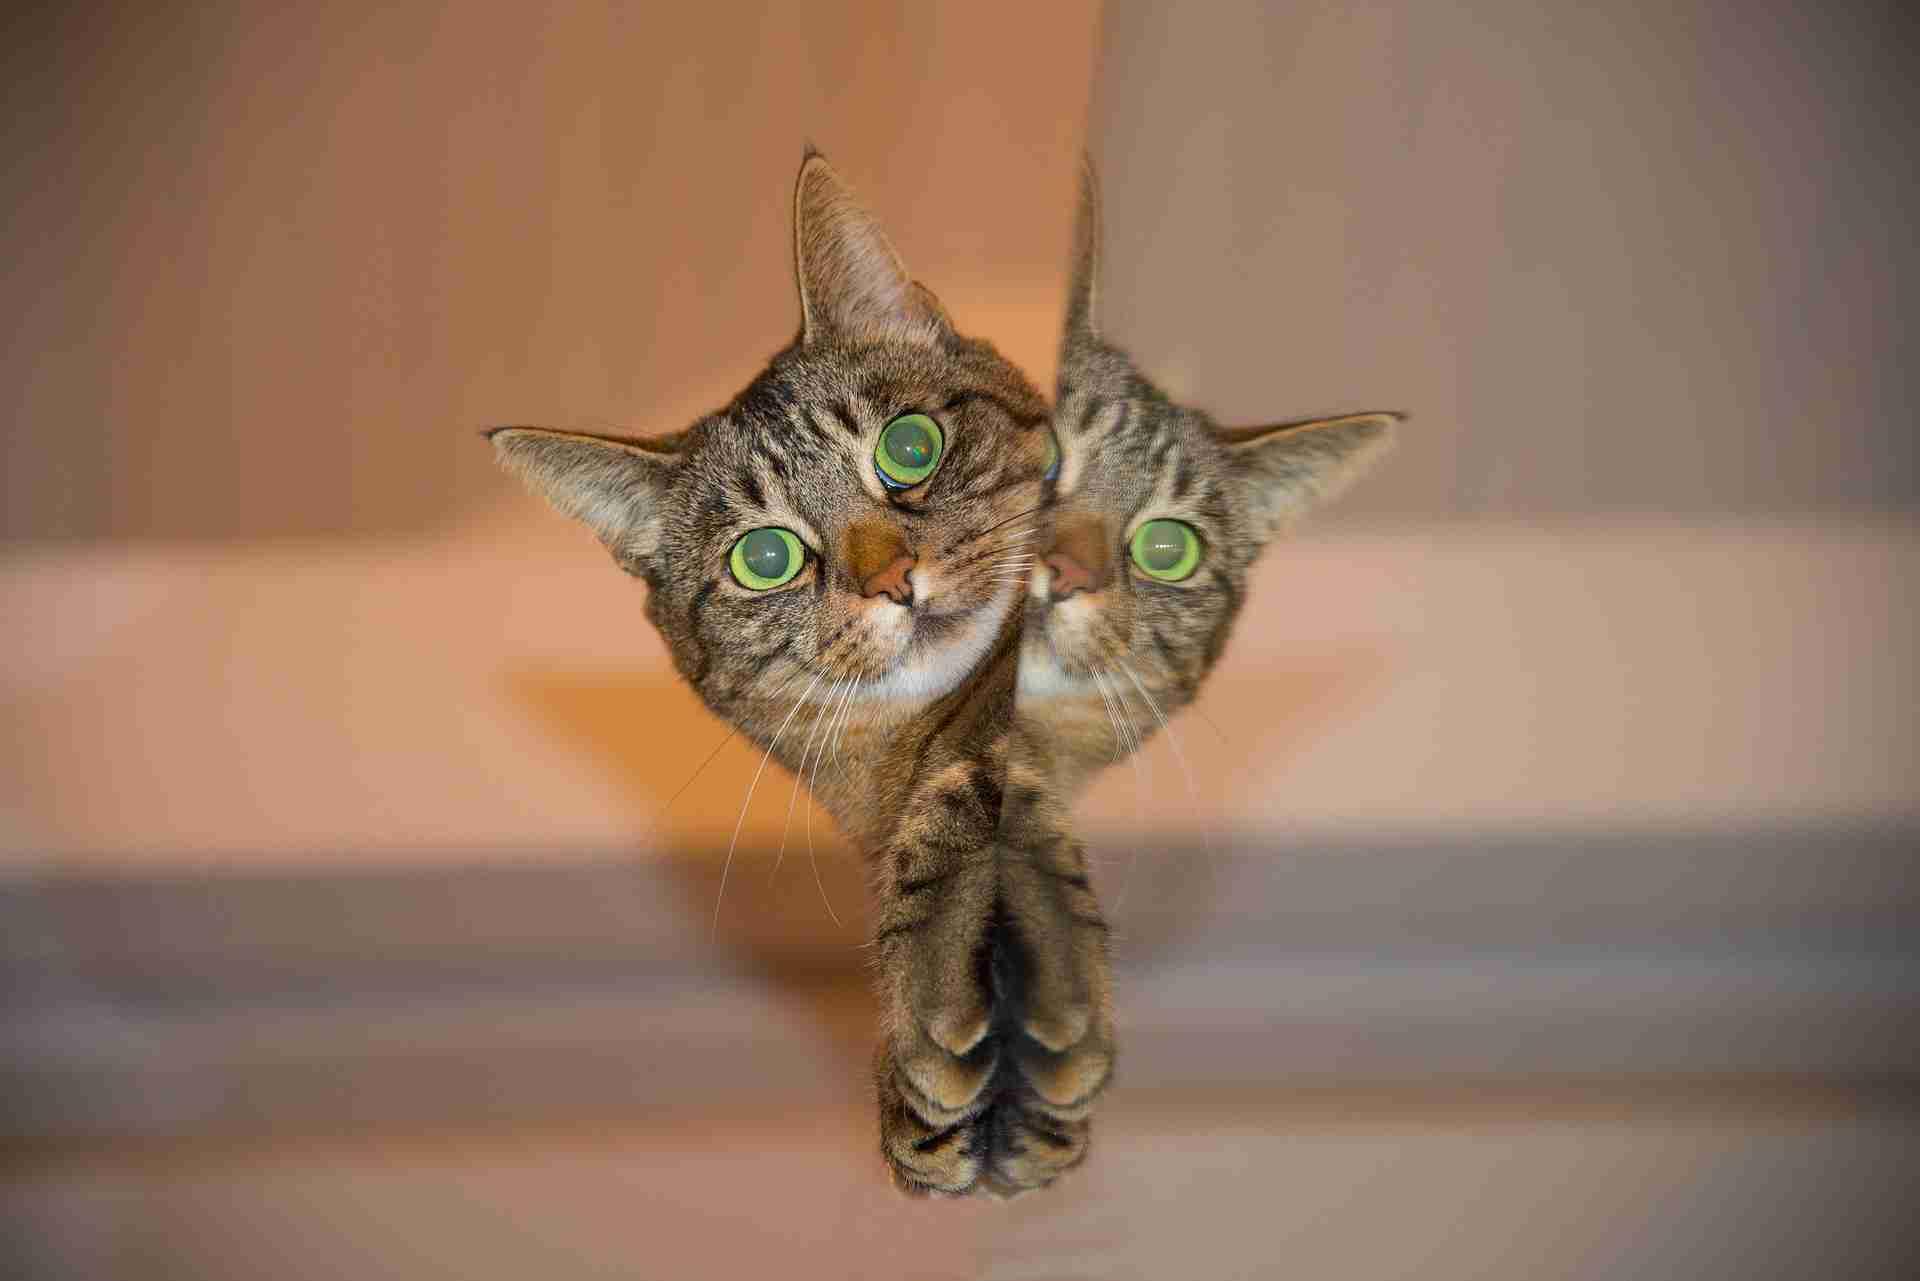 猫だって嫉妬する?その行動には深い意味があった!|猫の総合情報サイト ペットスマイルニュースforネコちゃん